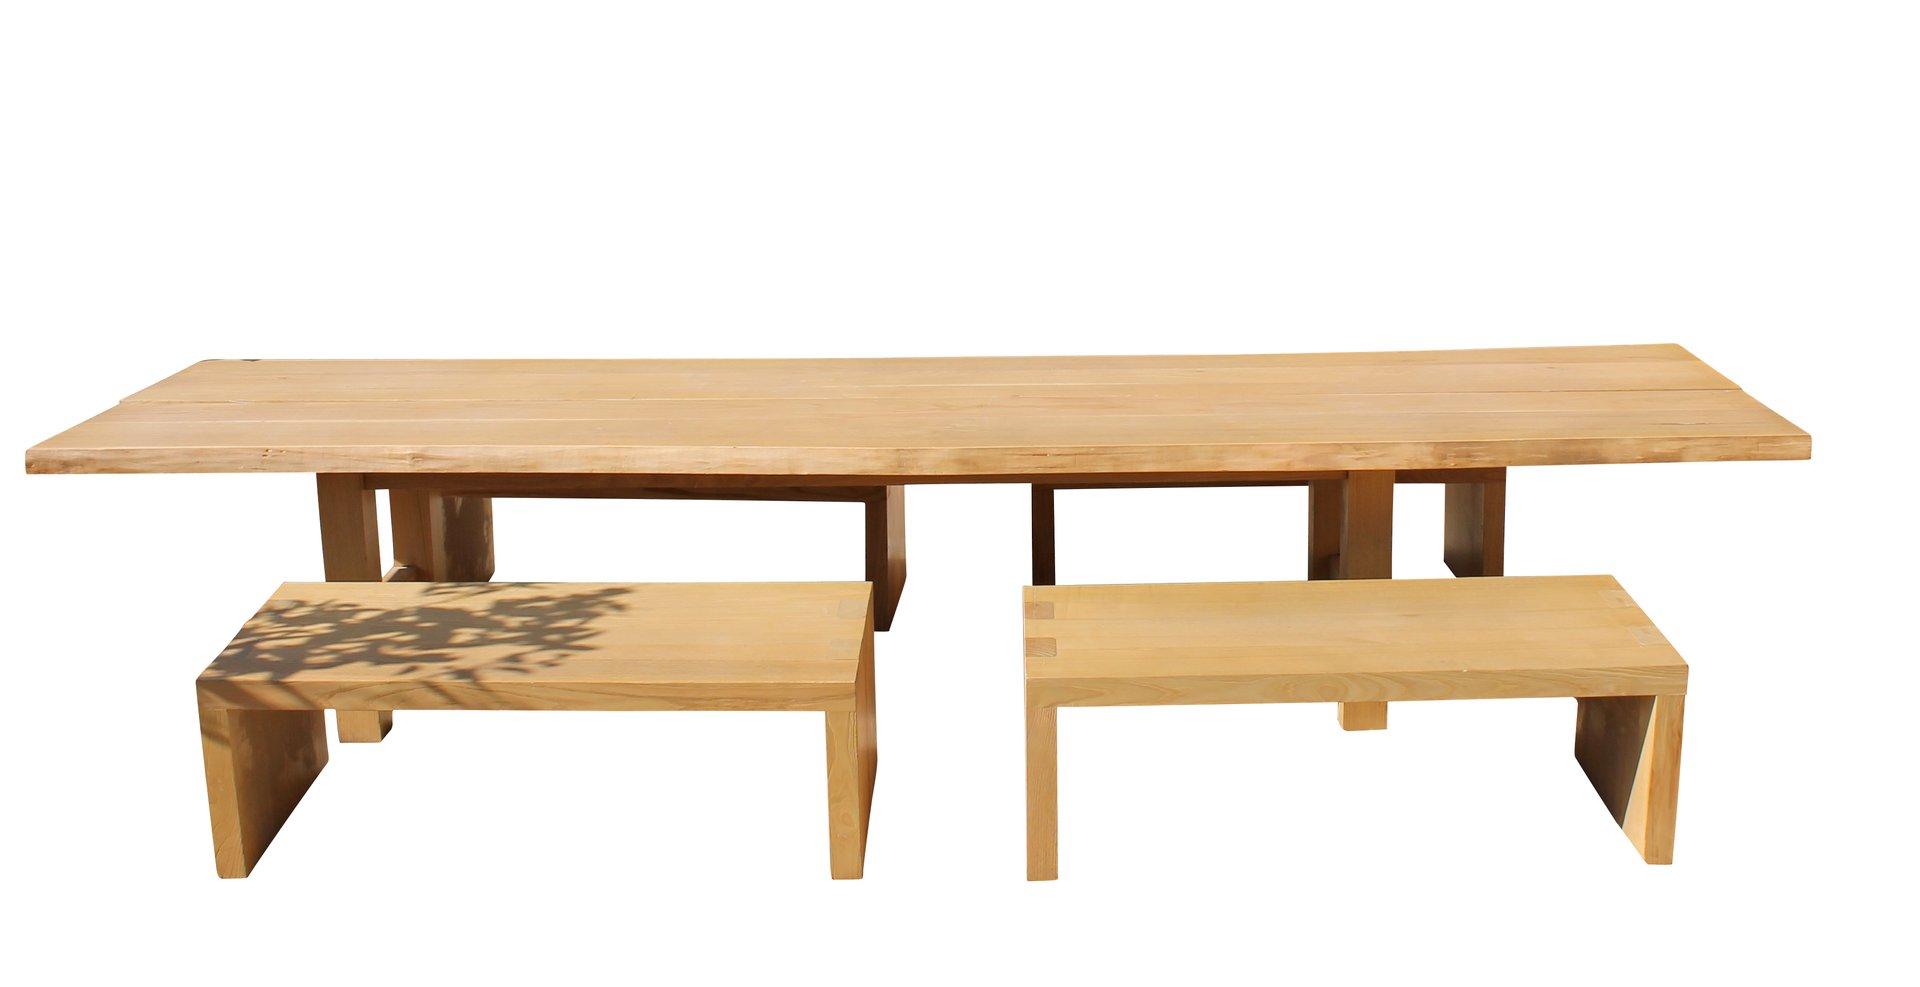 Großer Italienischer Eichenholz Esstisch mit Vier Sitzbänken, 1970er